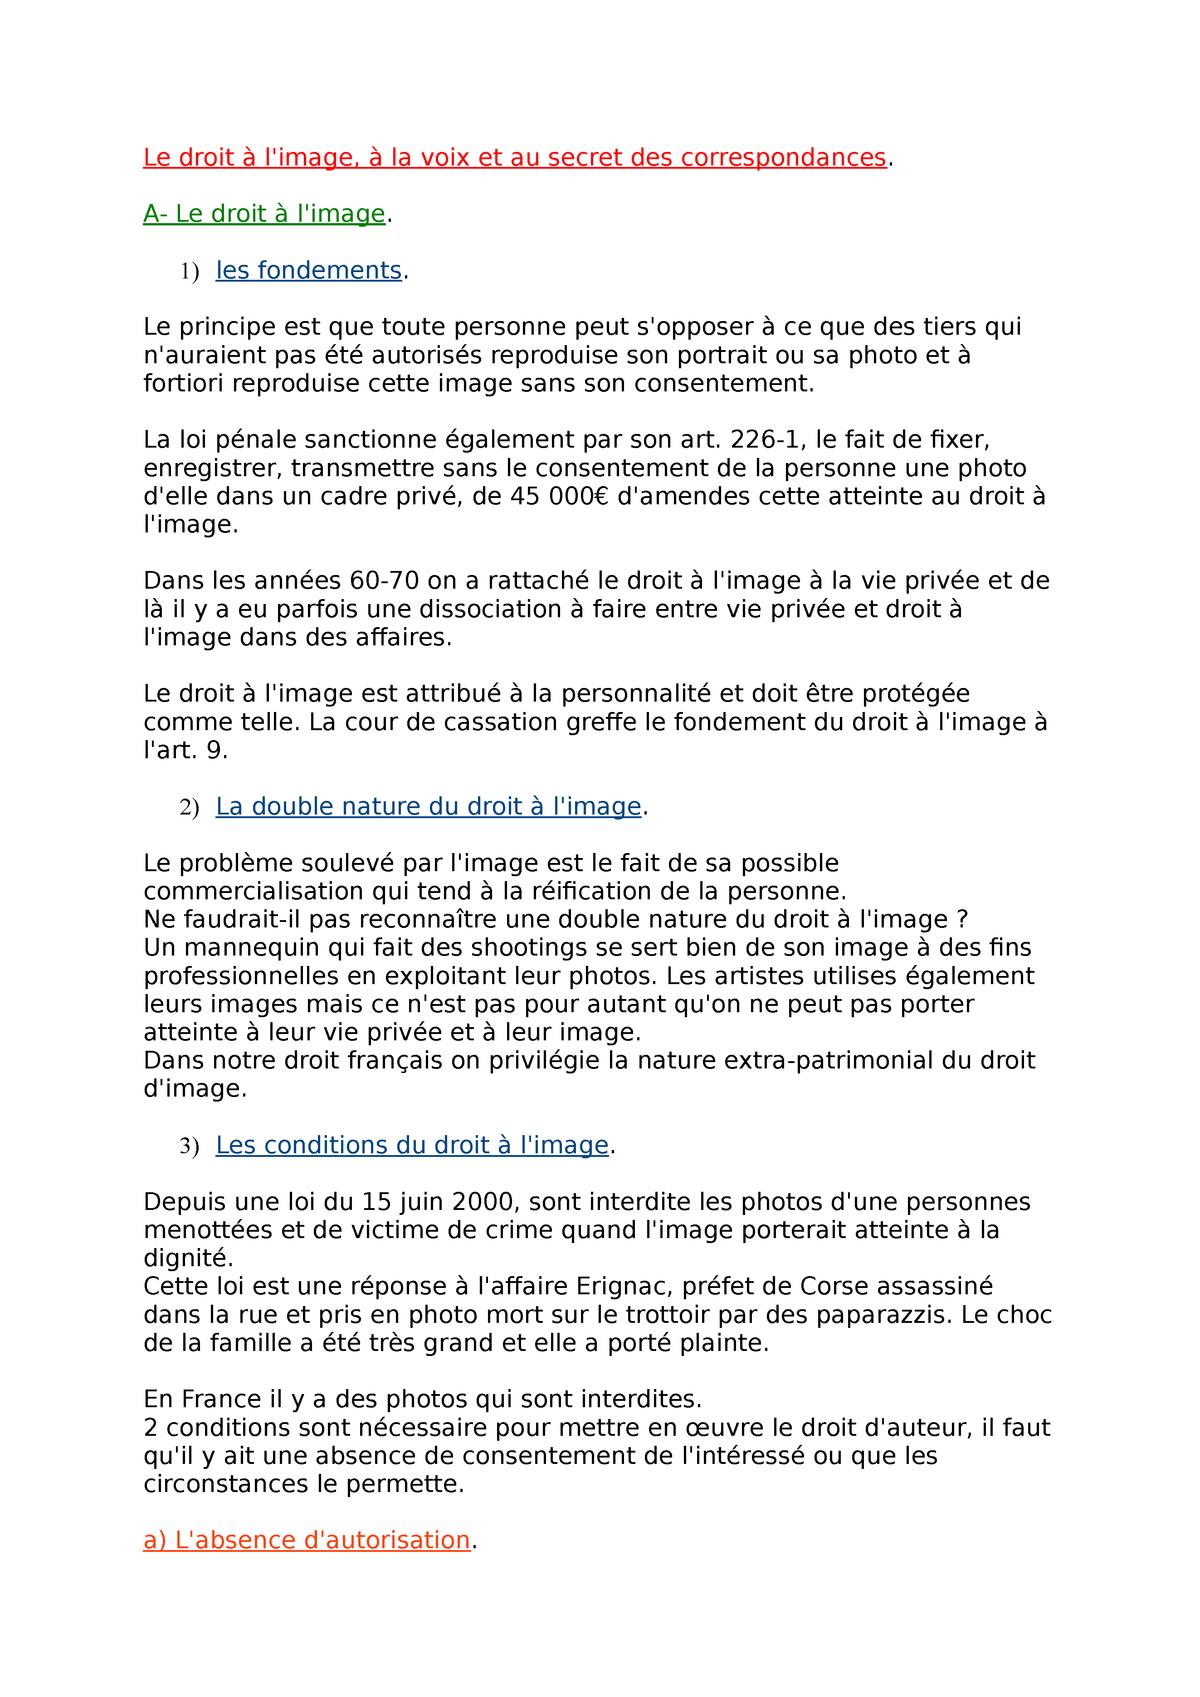 Le Droit A L Image A La Voix Et Au Secret Des Correspondances Studocu